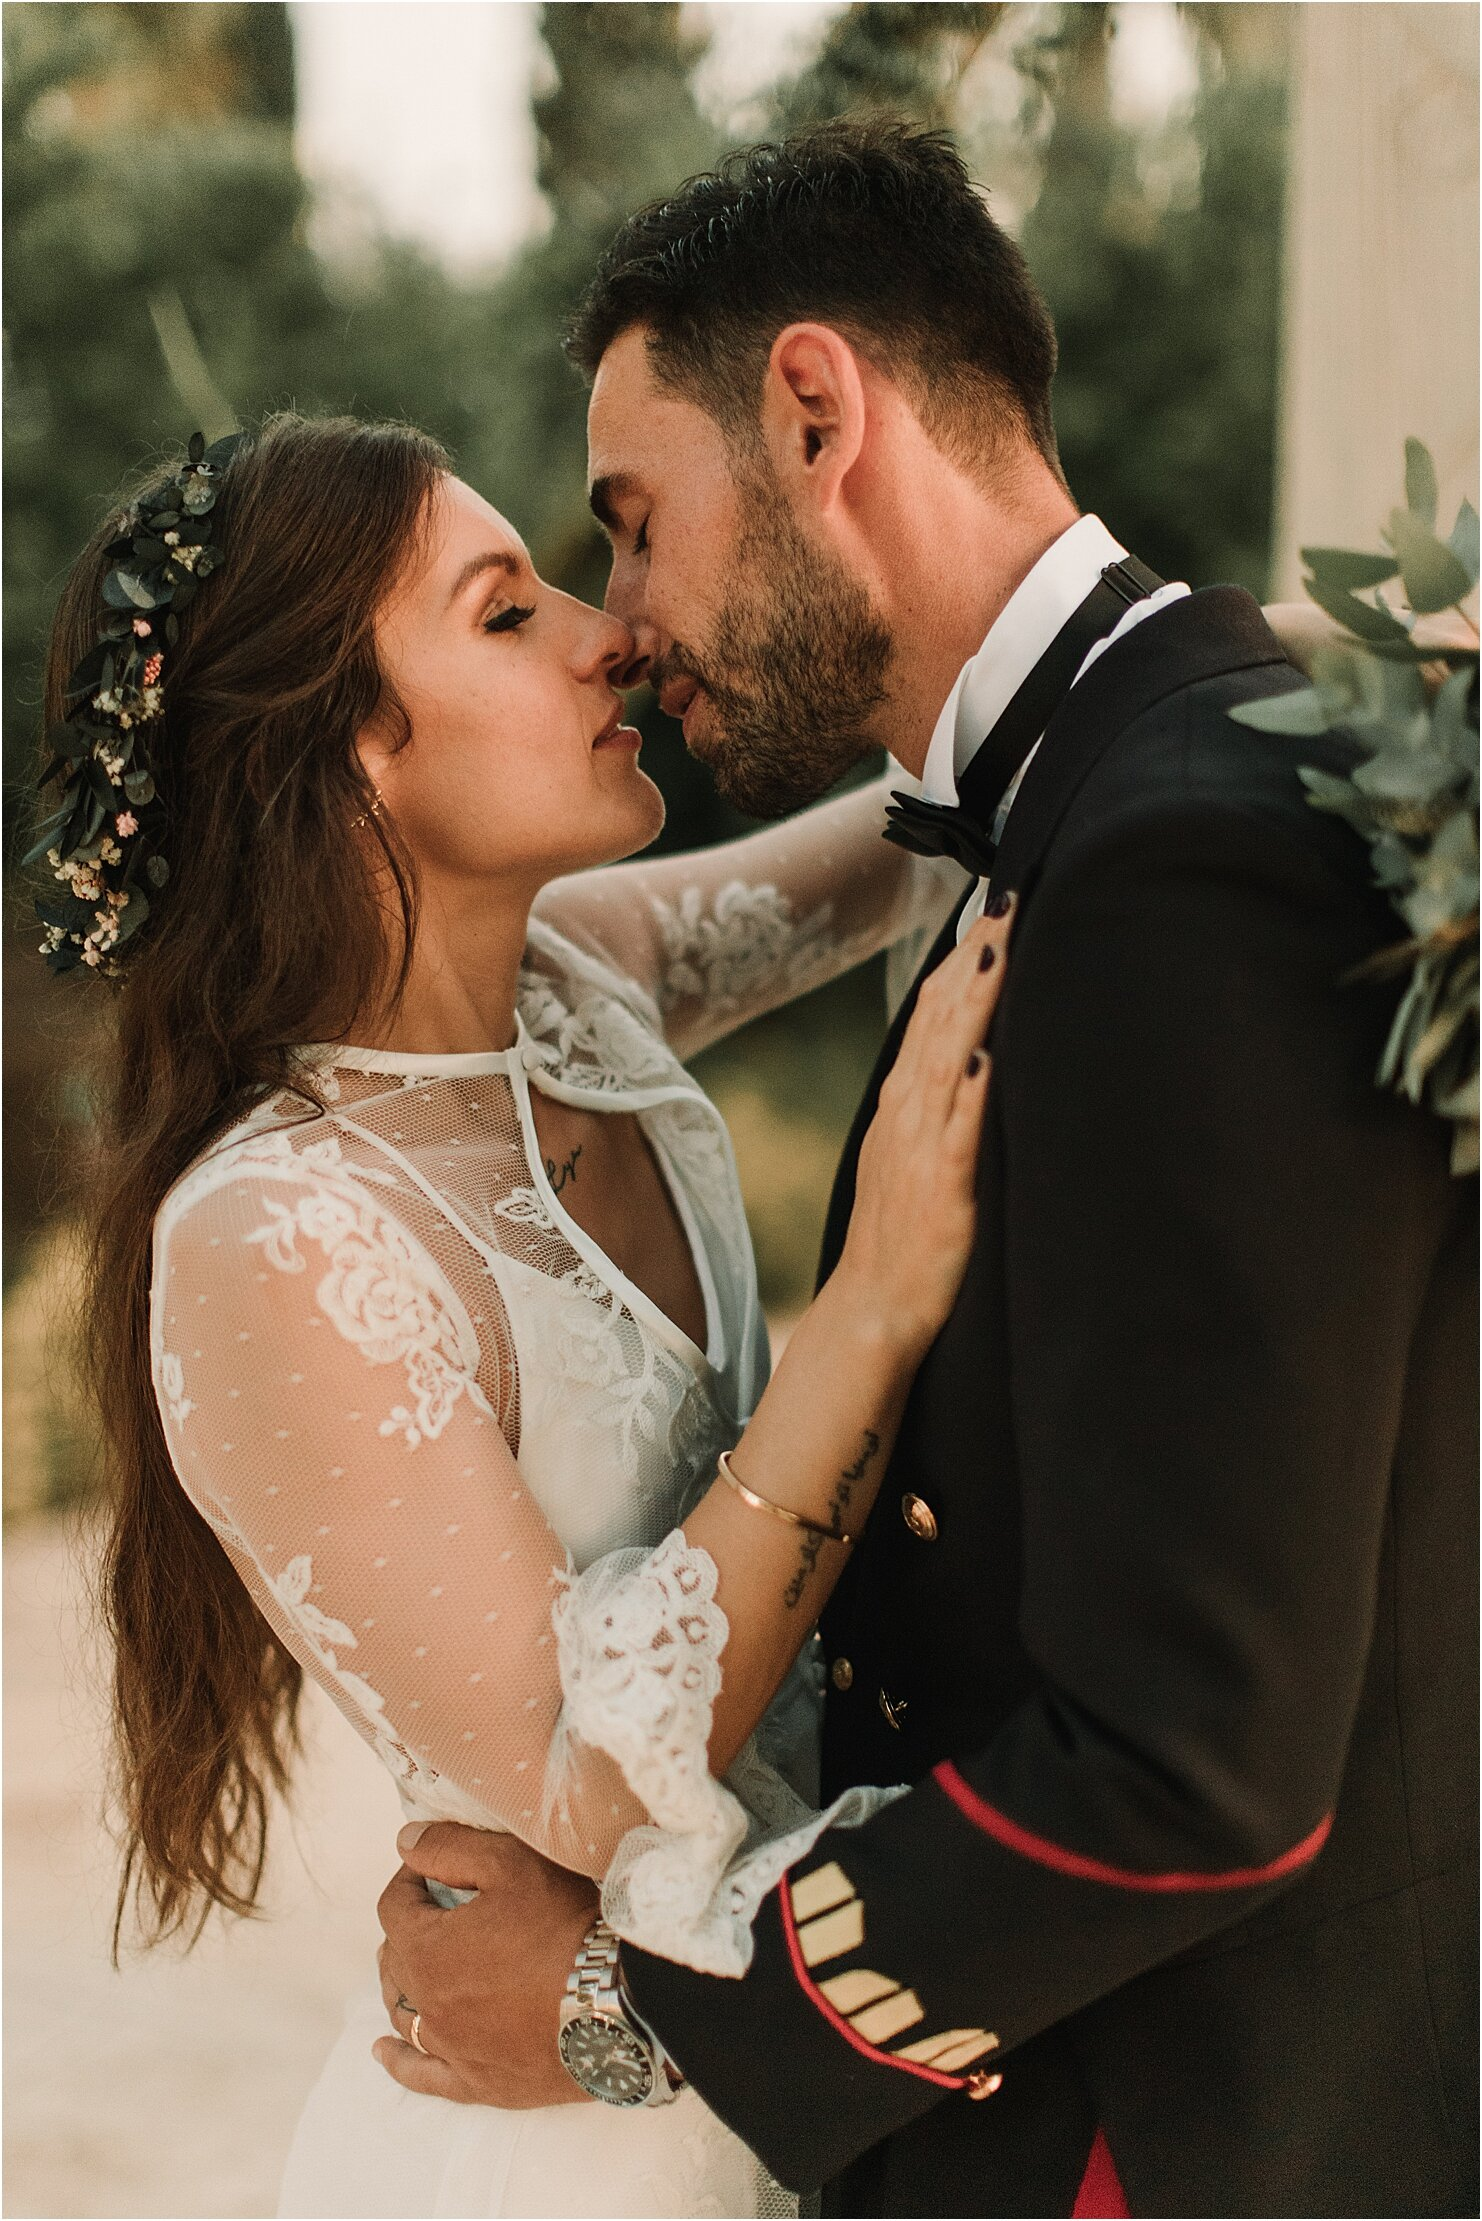 boda-romantica-boda-boho-vestido-de-novia-laura-lomas48.jpg